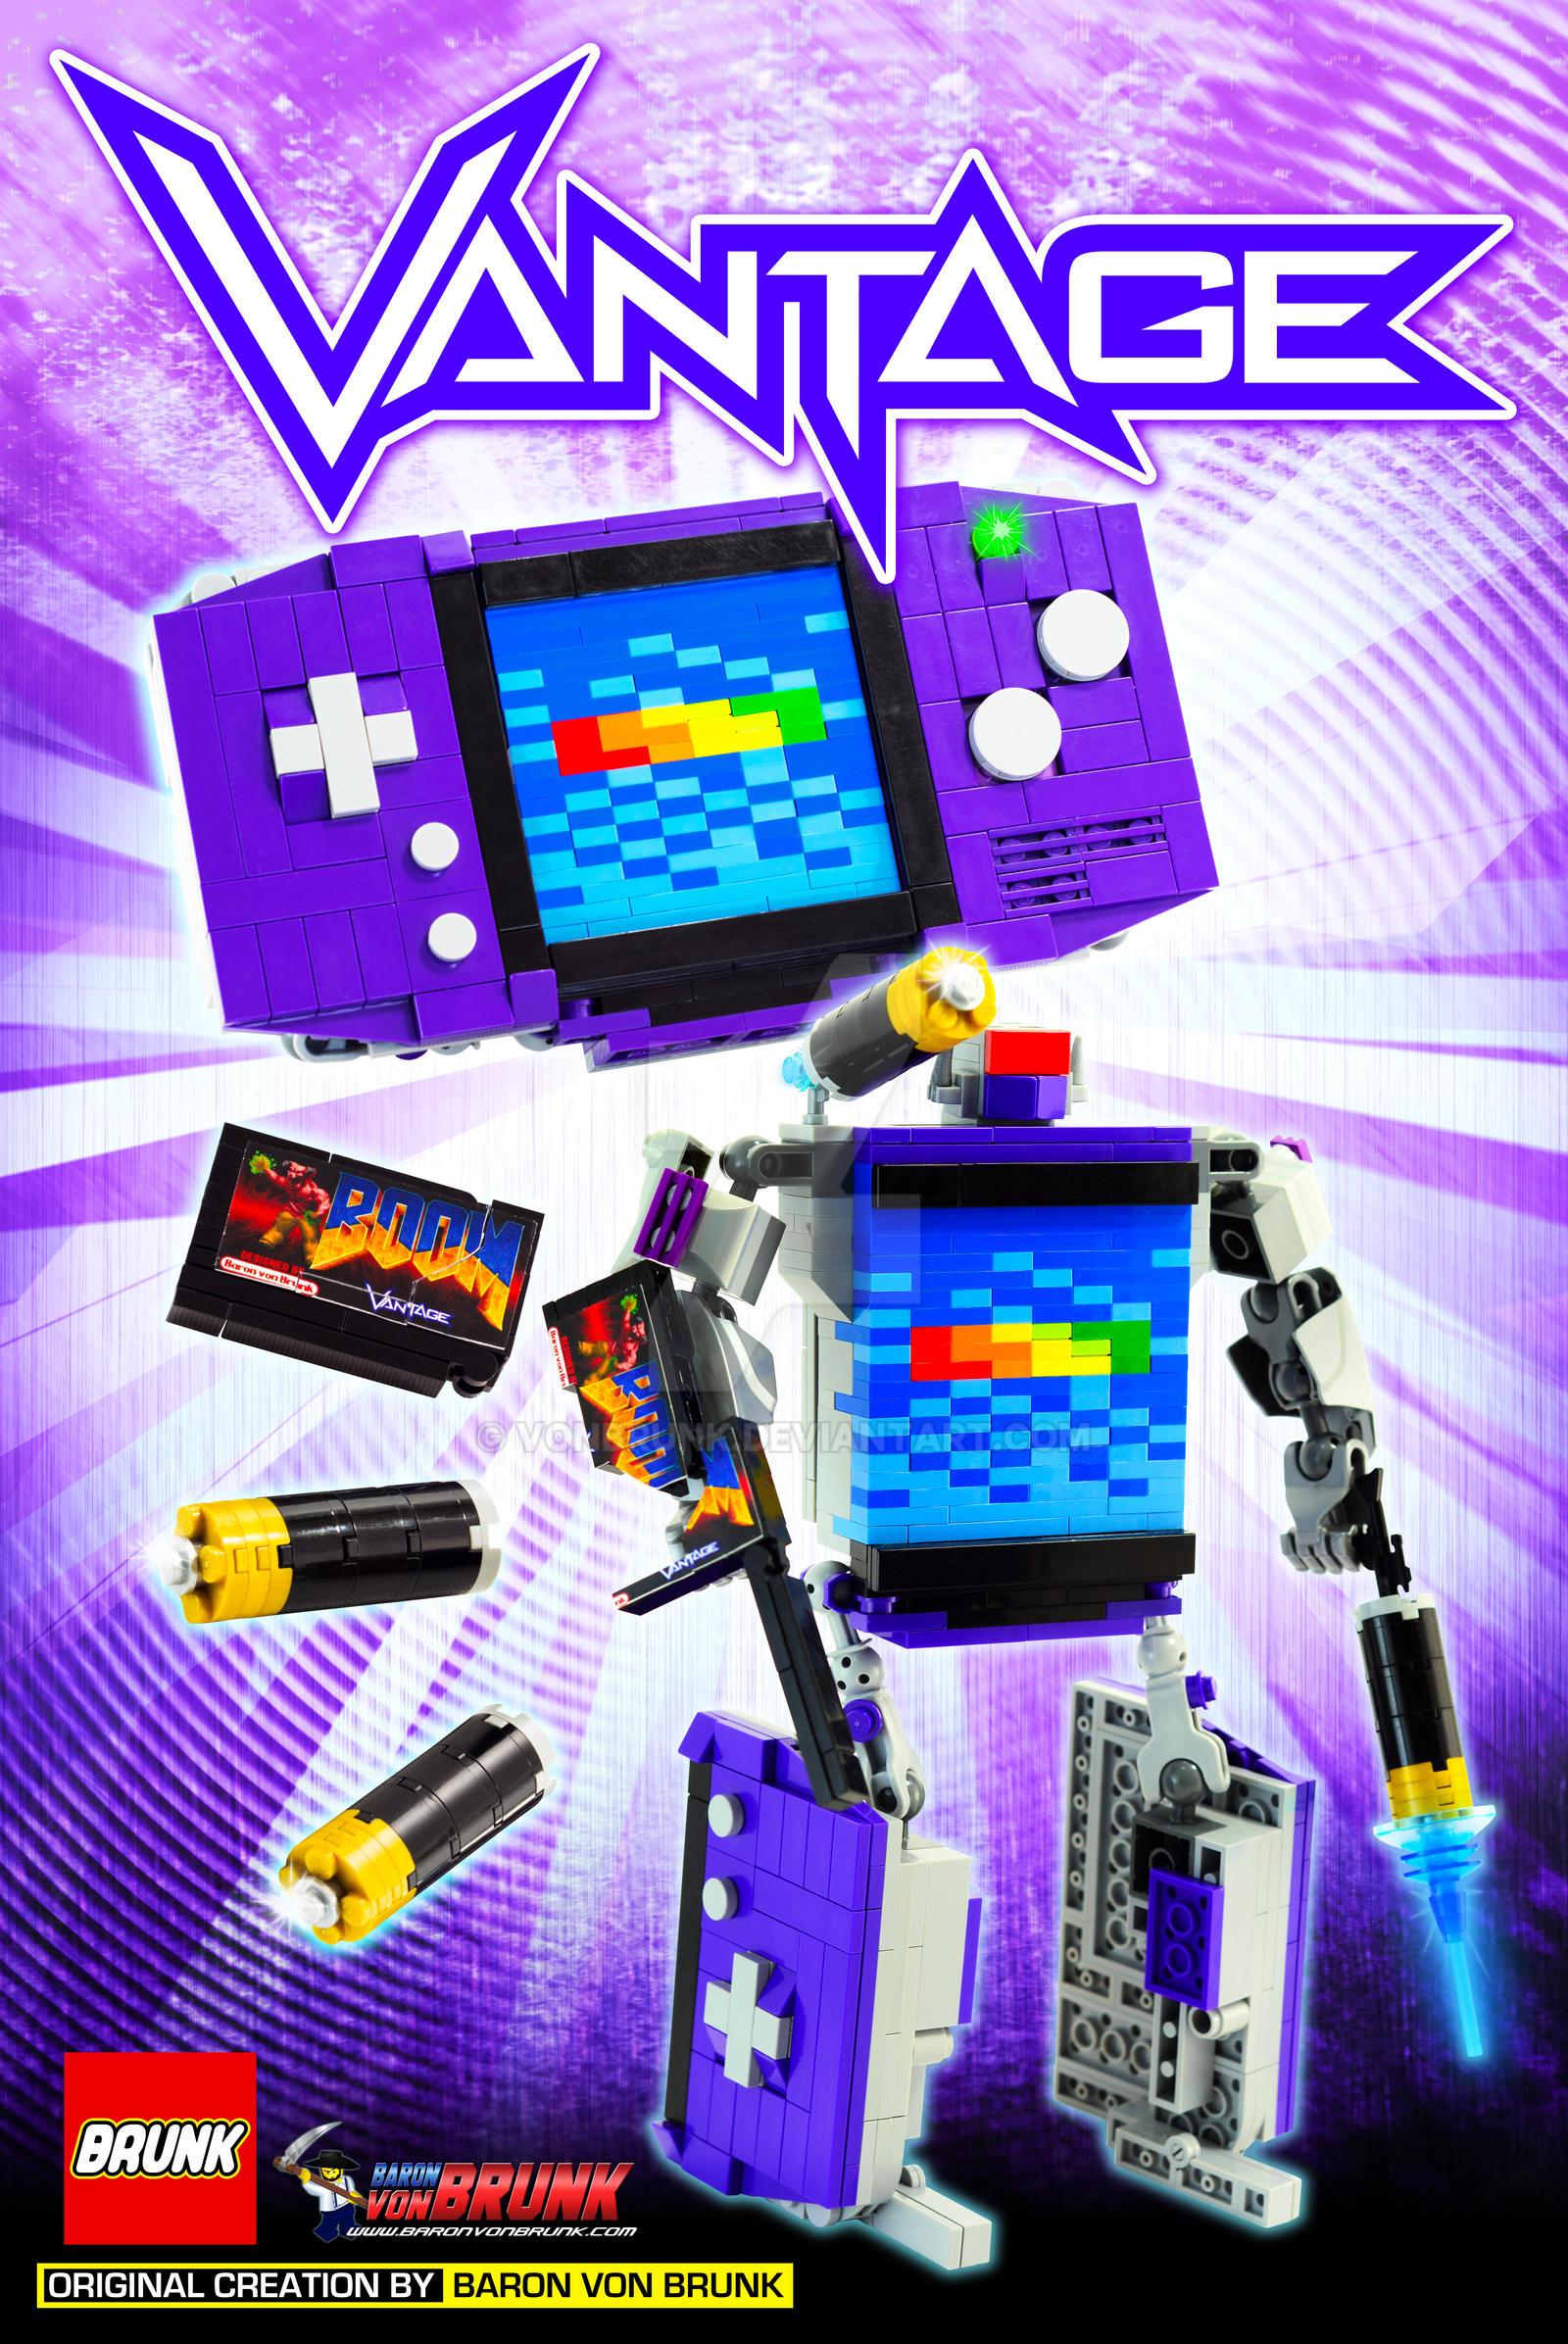 Vantage - LEGO Game Boy Advance Transformer Print by VonBrunk